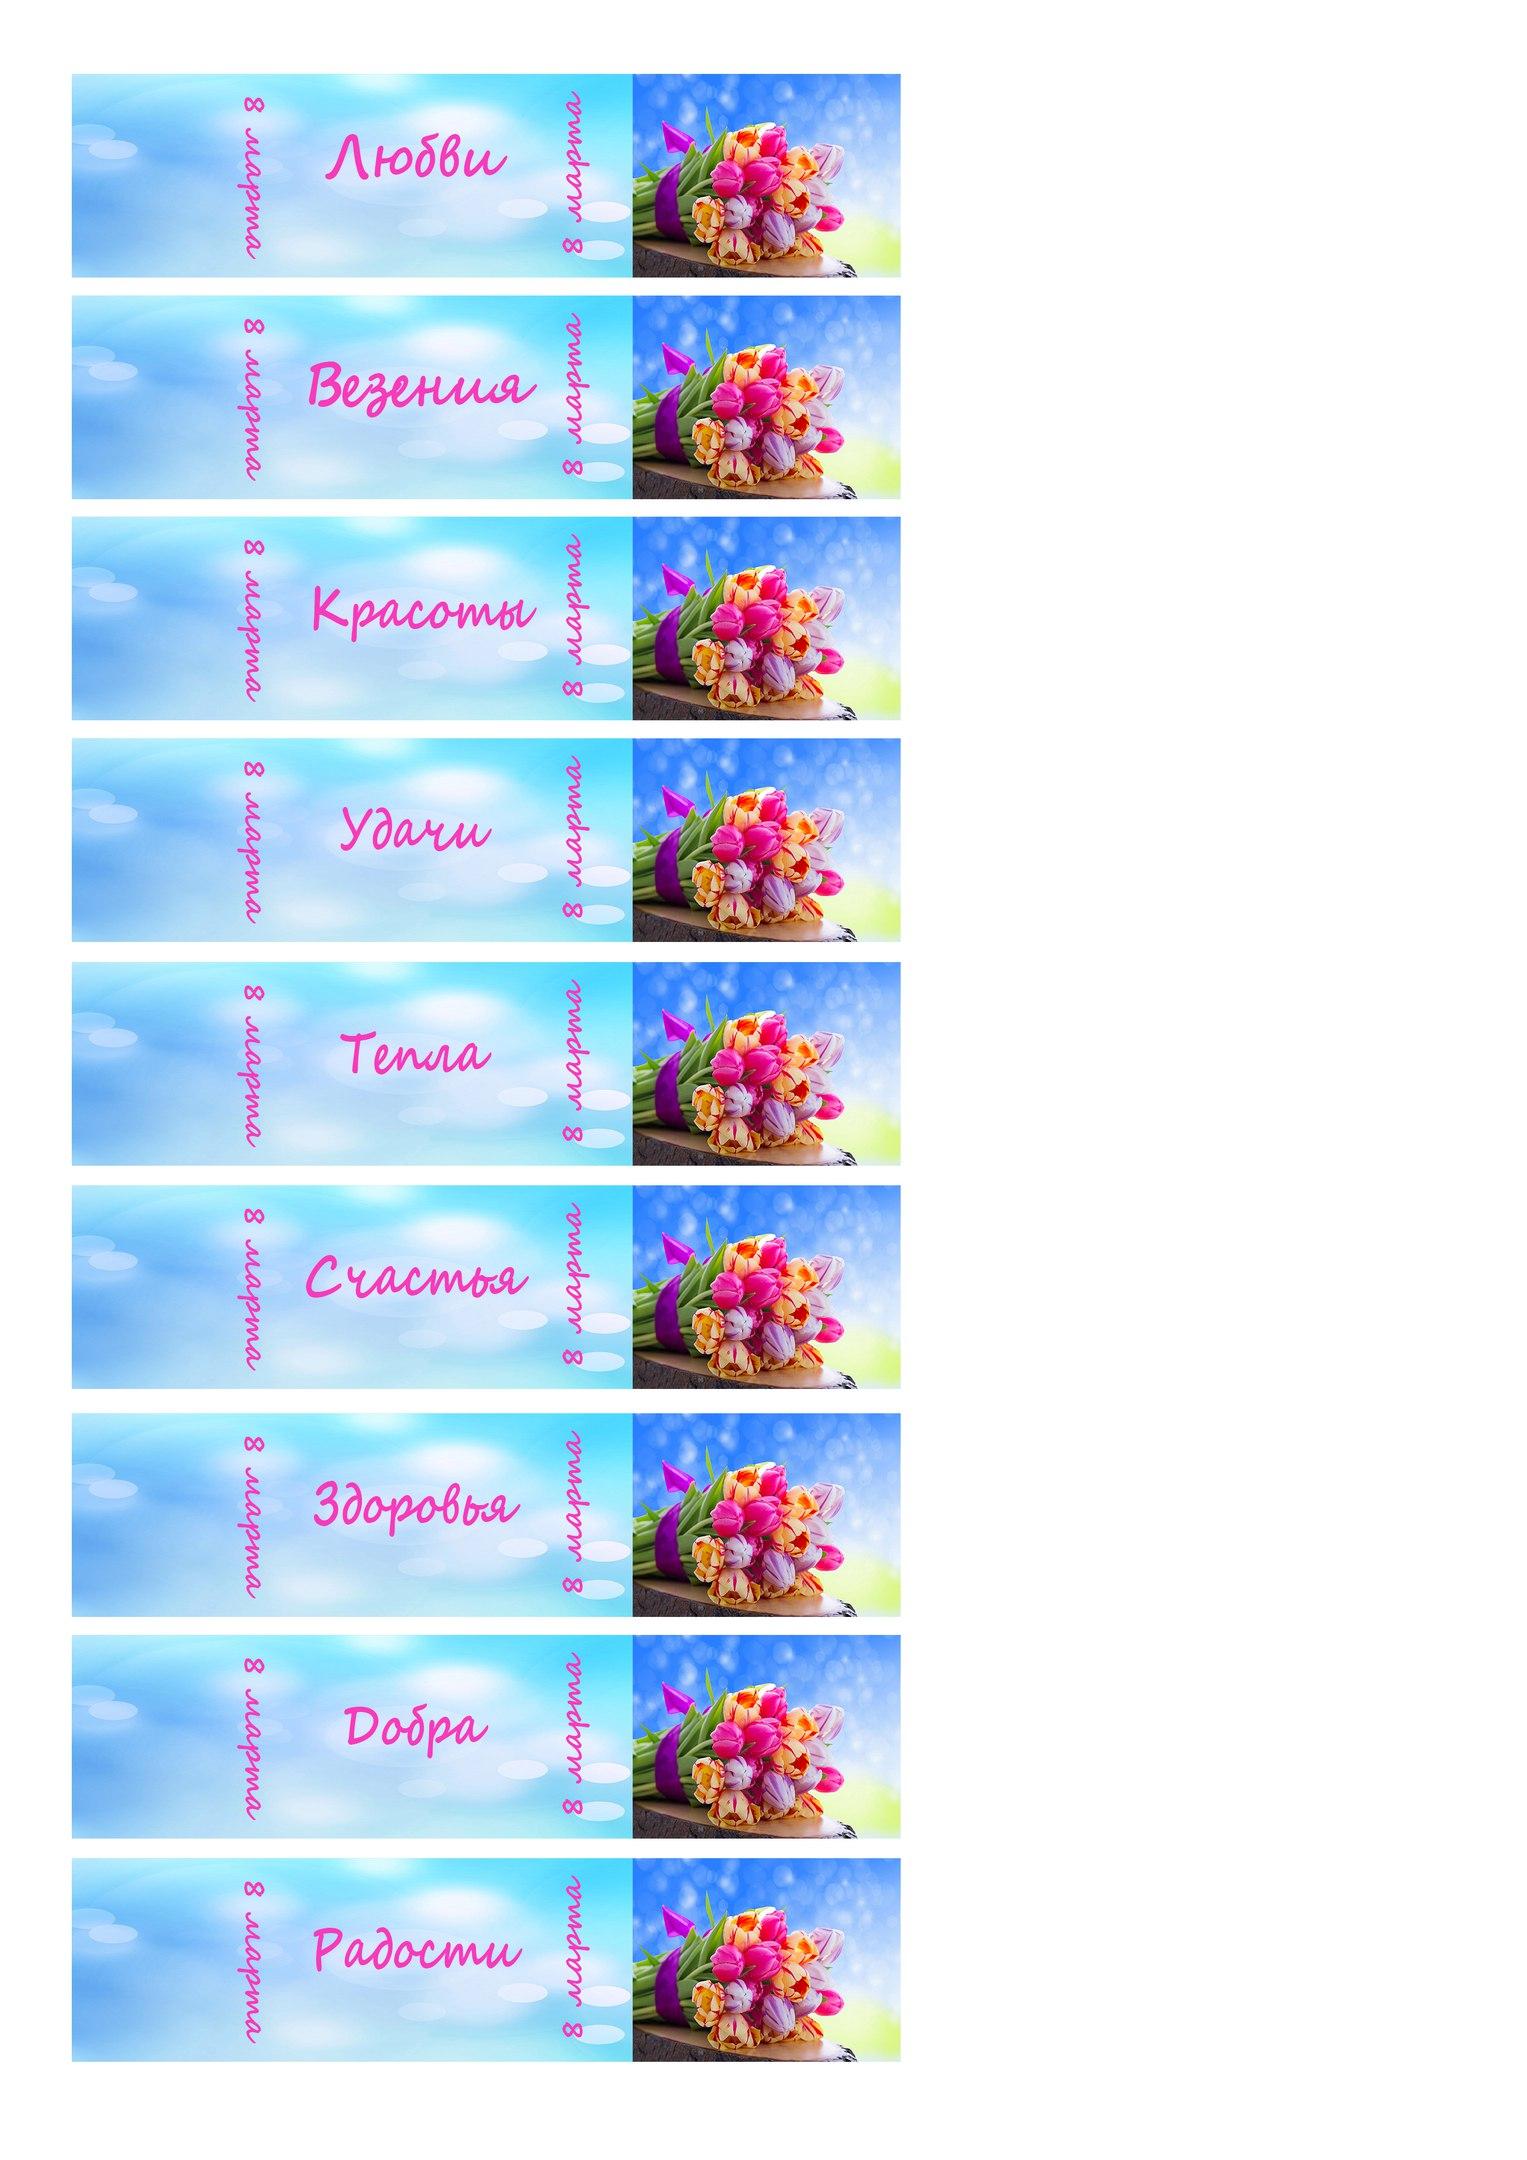 Фантики для конфет коллегам к 8 марта